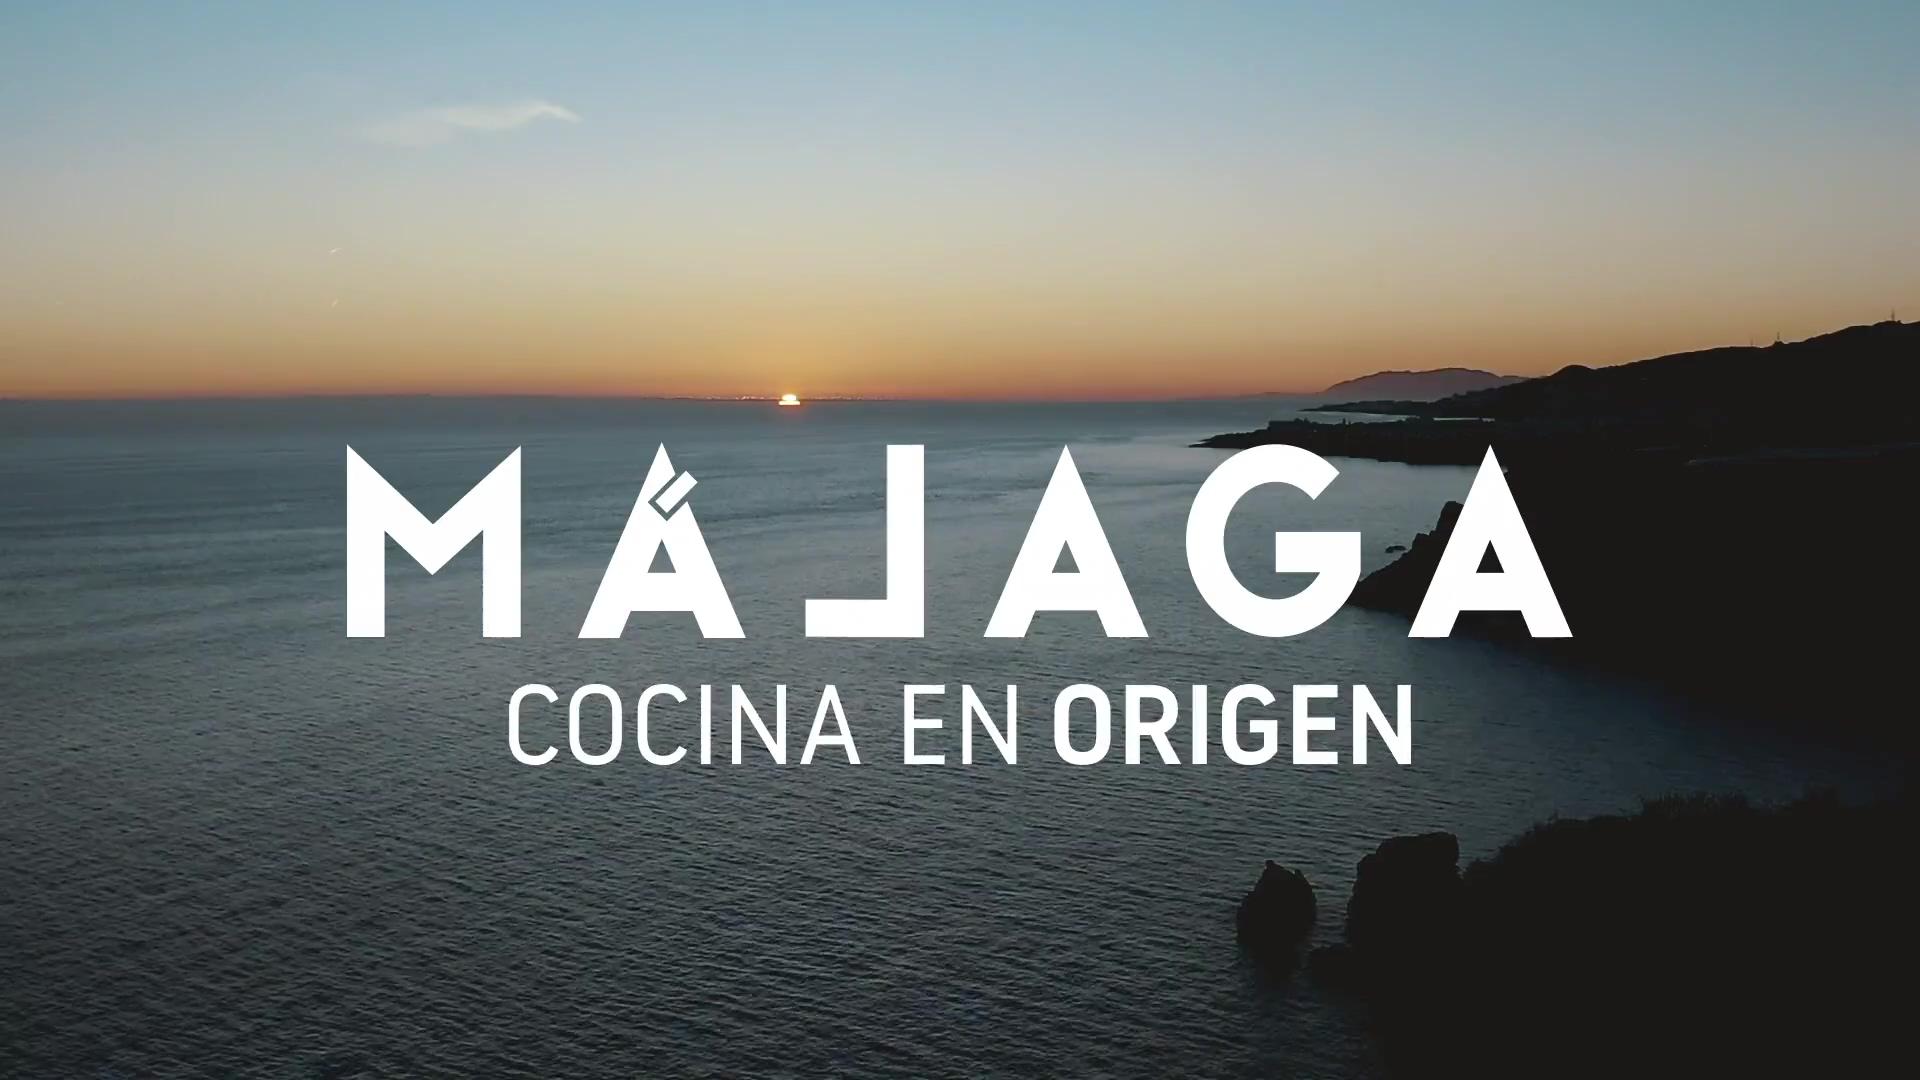 MALAGA COCINA EN ORIGEN